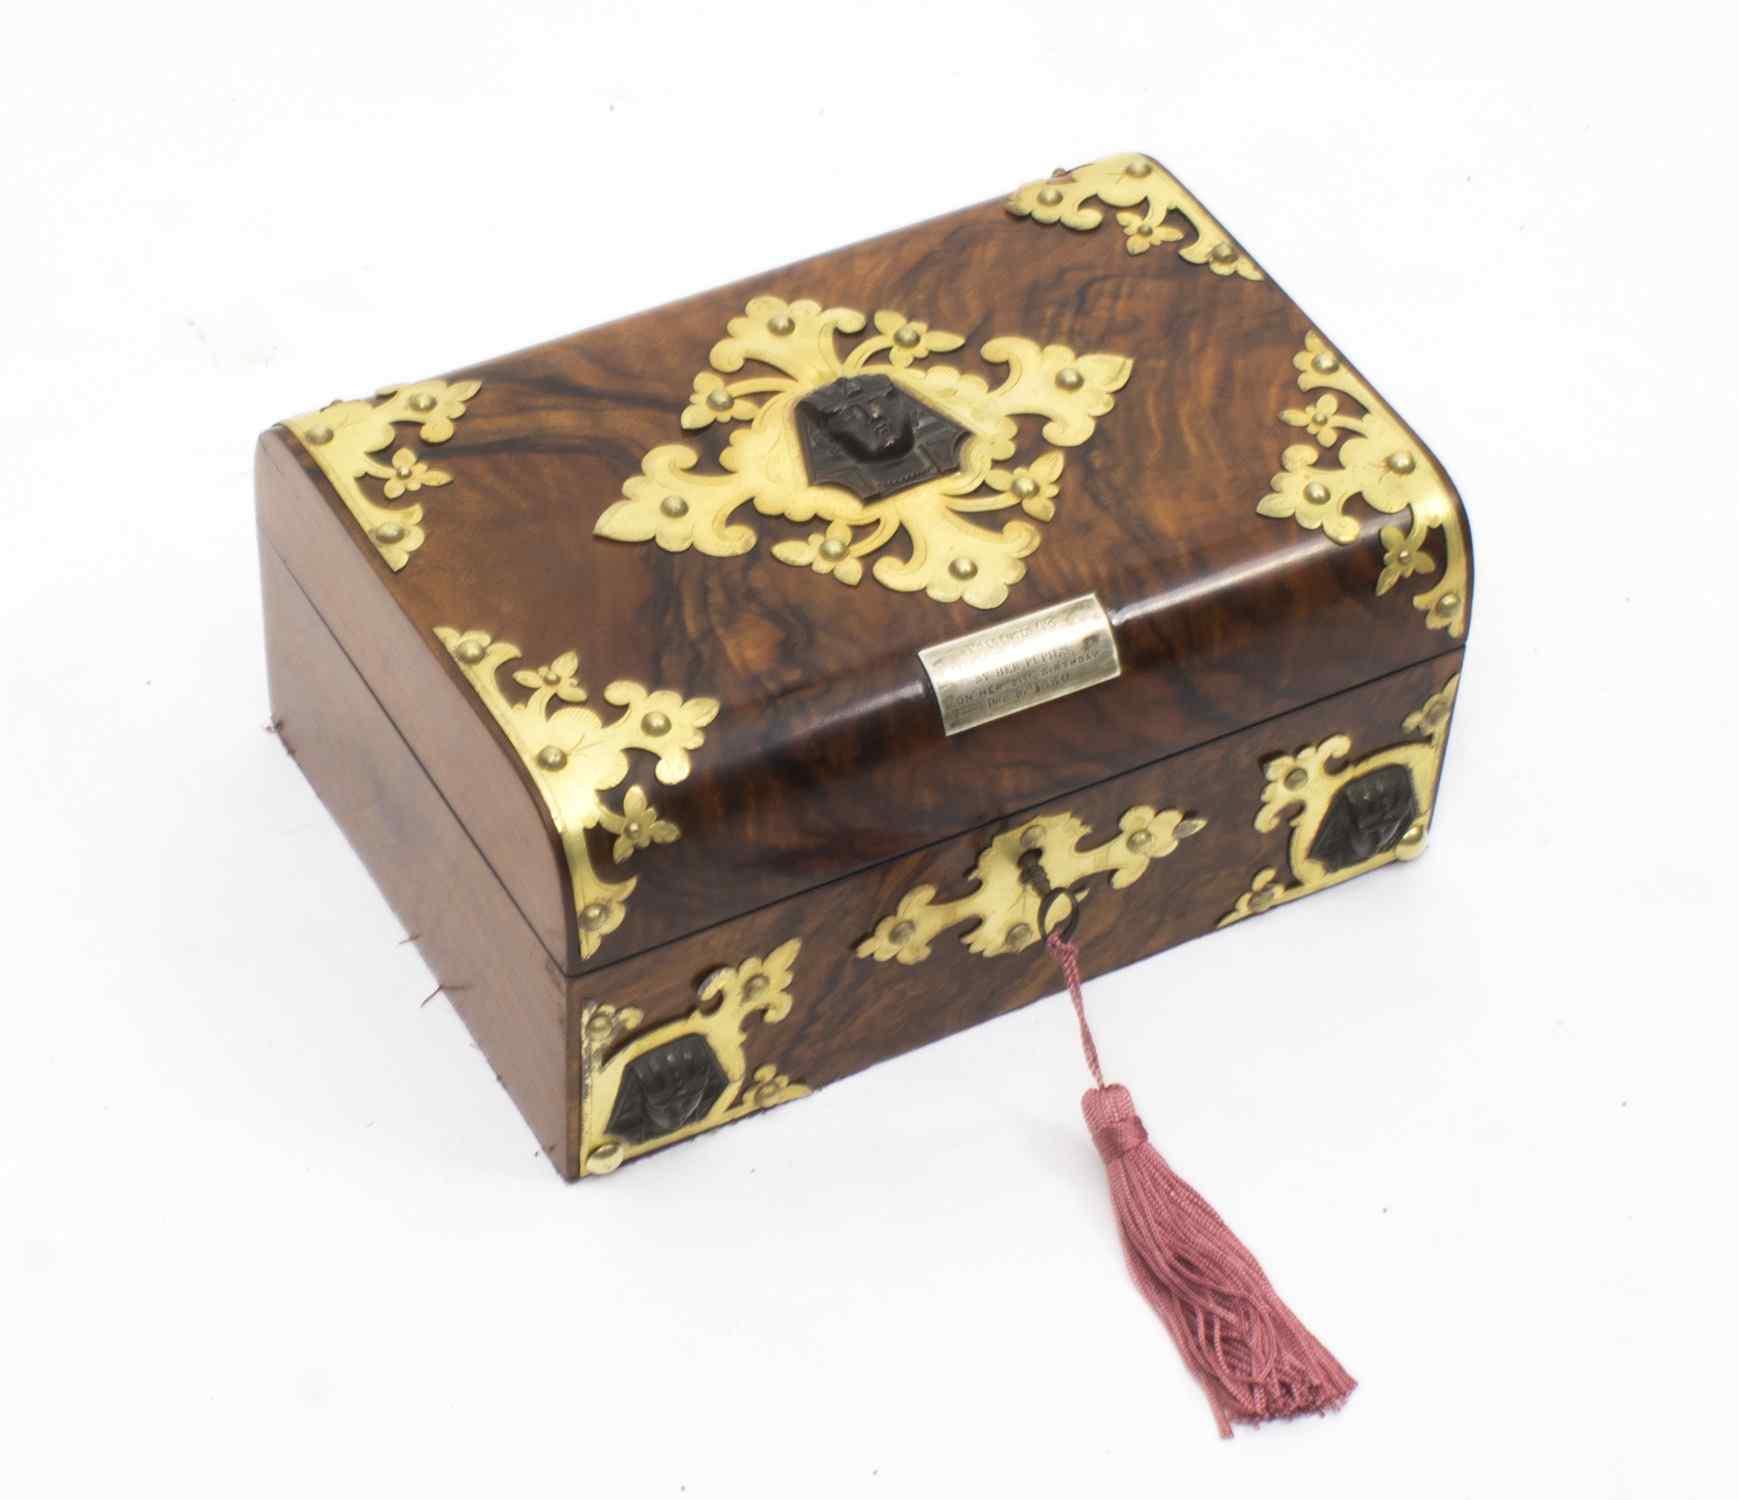 Scatola da cucito antica in stile vittoriano Revival C1860